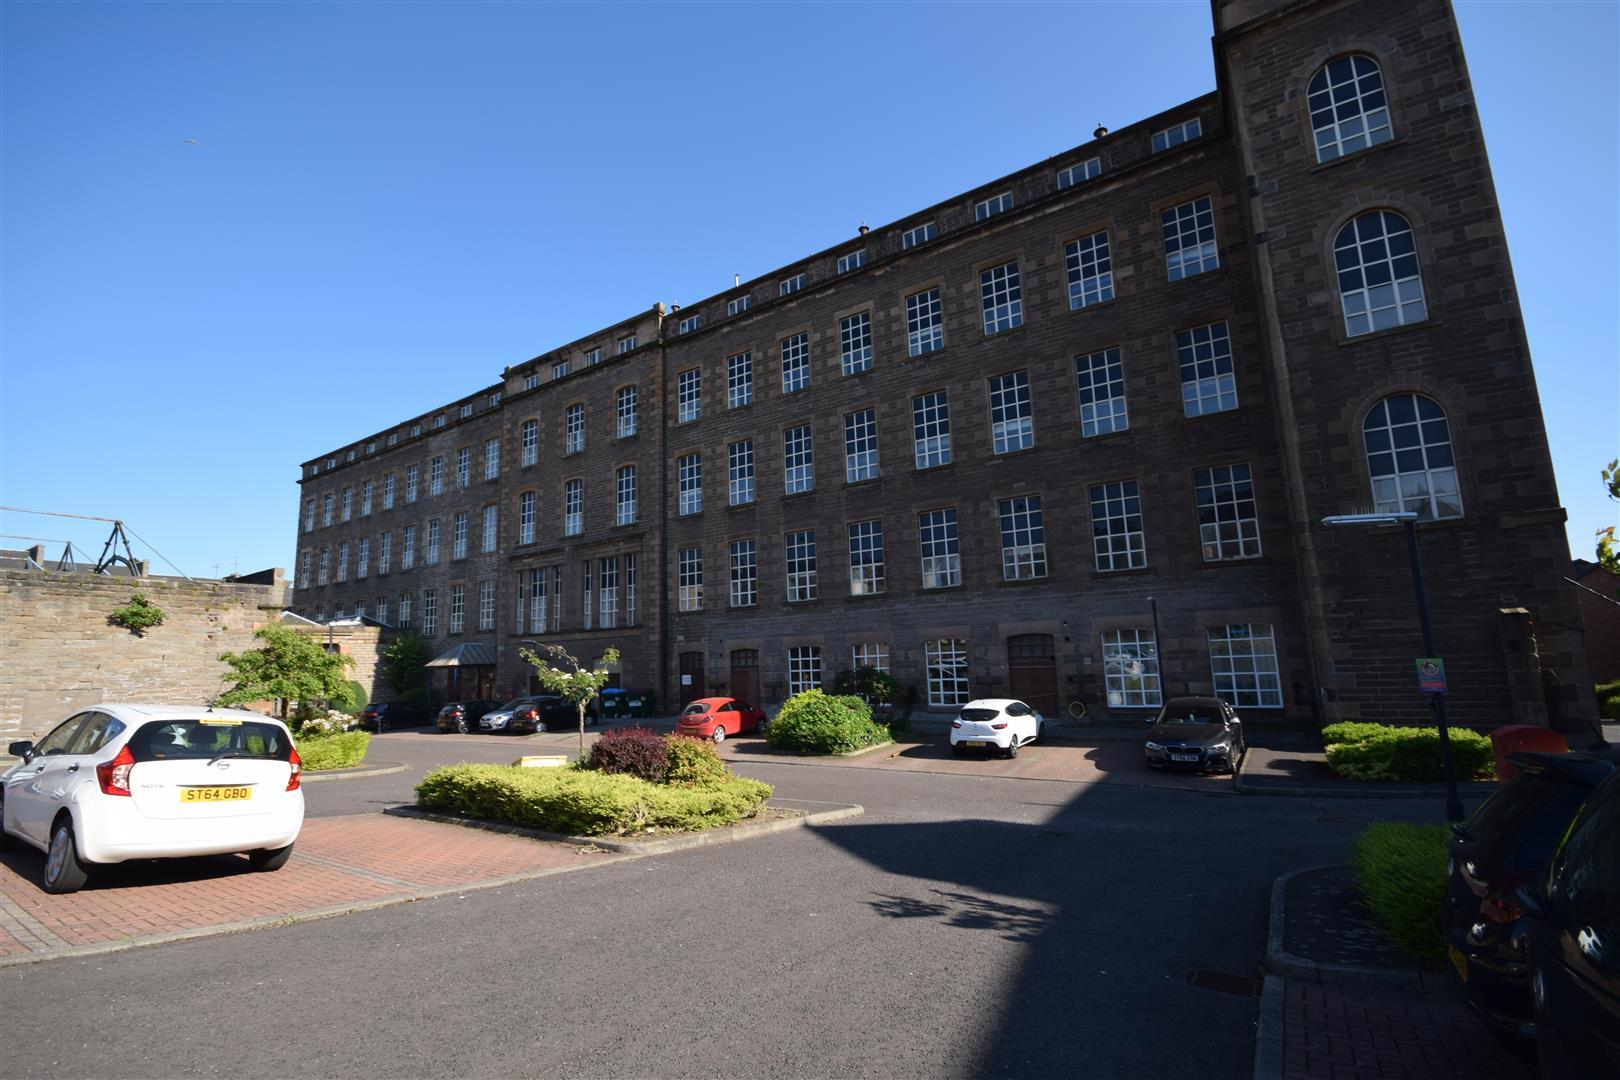 Highmill Court, Dundee, Angus, DD2 1UN, UK